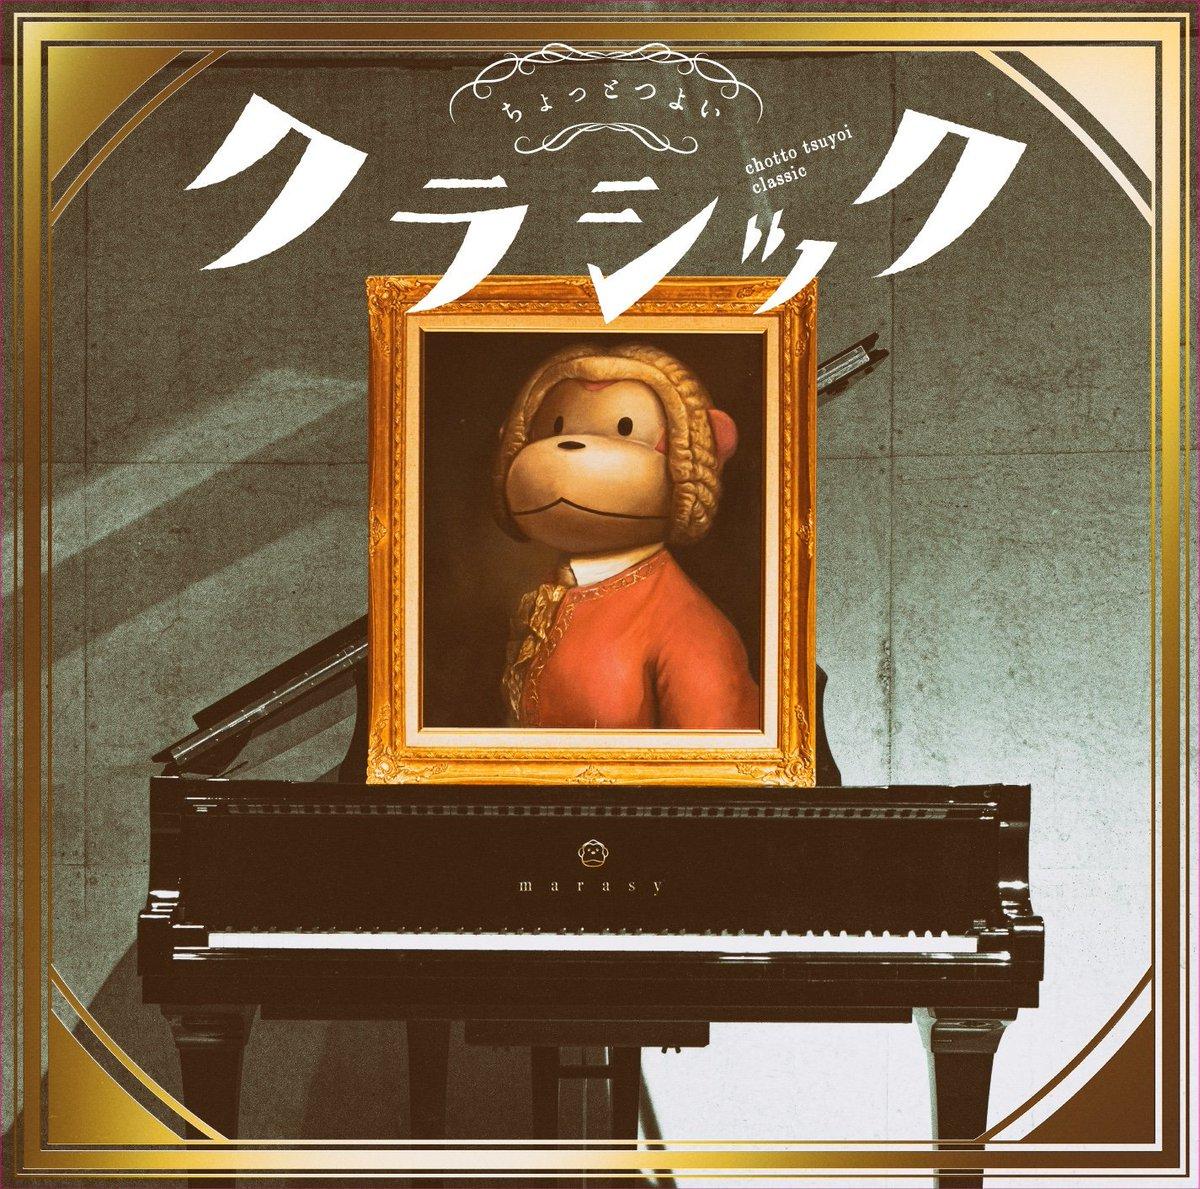 【アルバム】12/18に「ちょっとつよいクラシック」というアルバムをリリースさせていただきます㊗️🎉㊗️🎉㊗️🎉ピアノをやめてしまうまでの少年時代の色々な思い出のあるクラシックの楽曲を、再開した今だからこそ向き合ってアレンジしてみました。ぜひ聴いてください🎹🐵